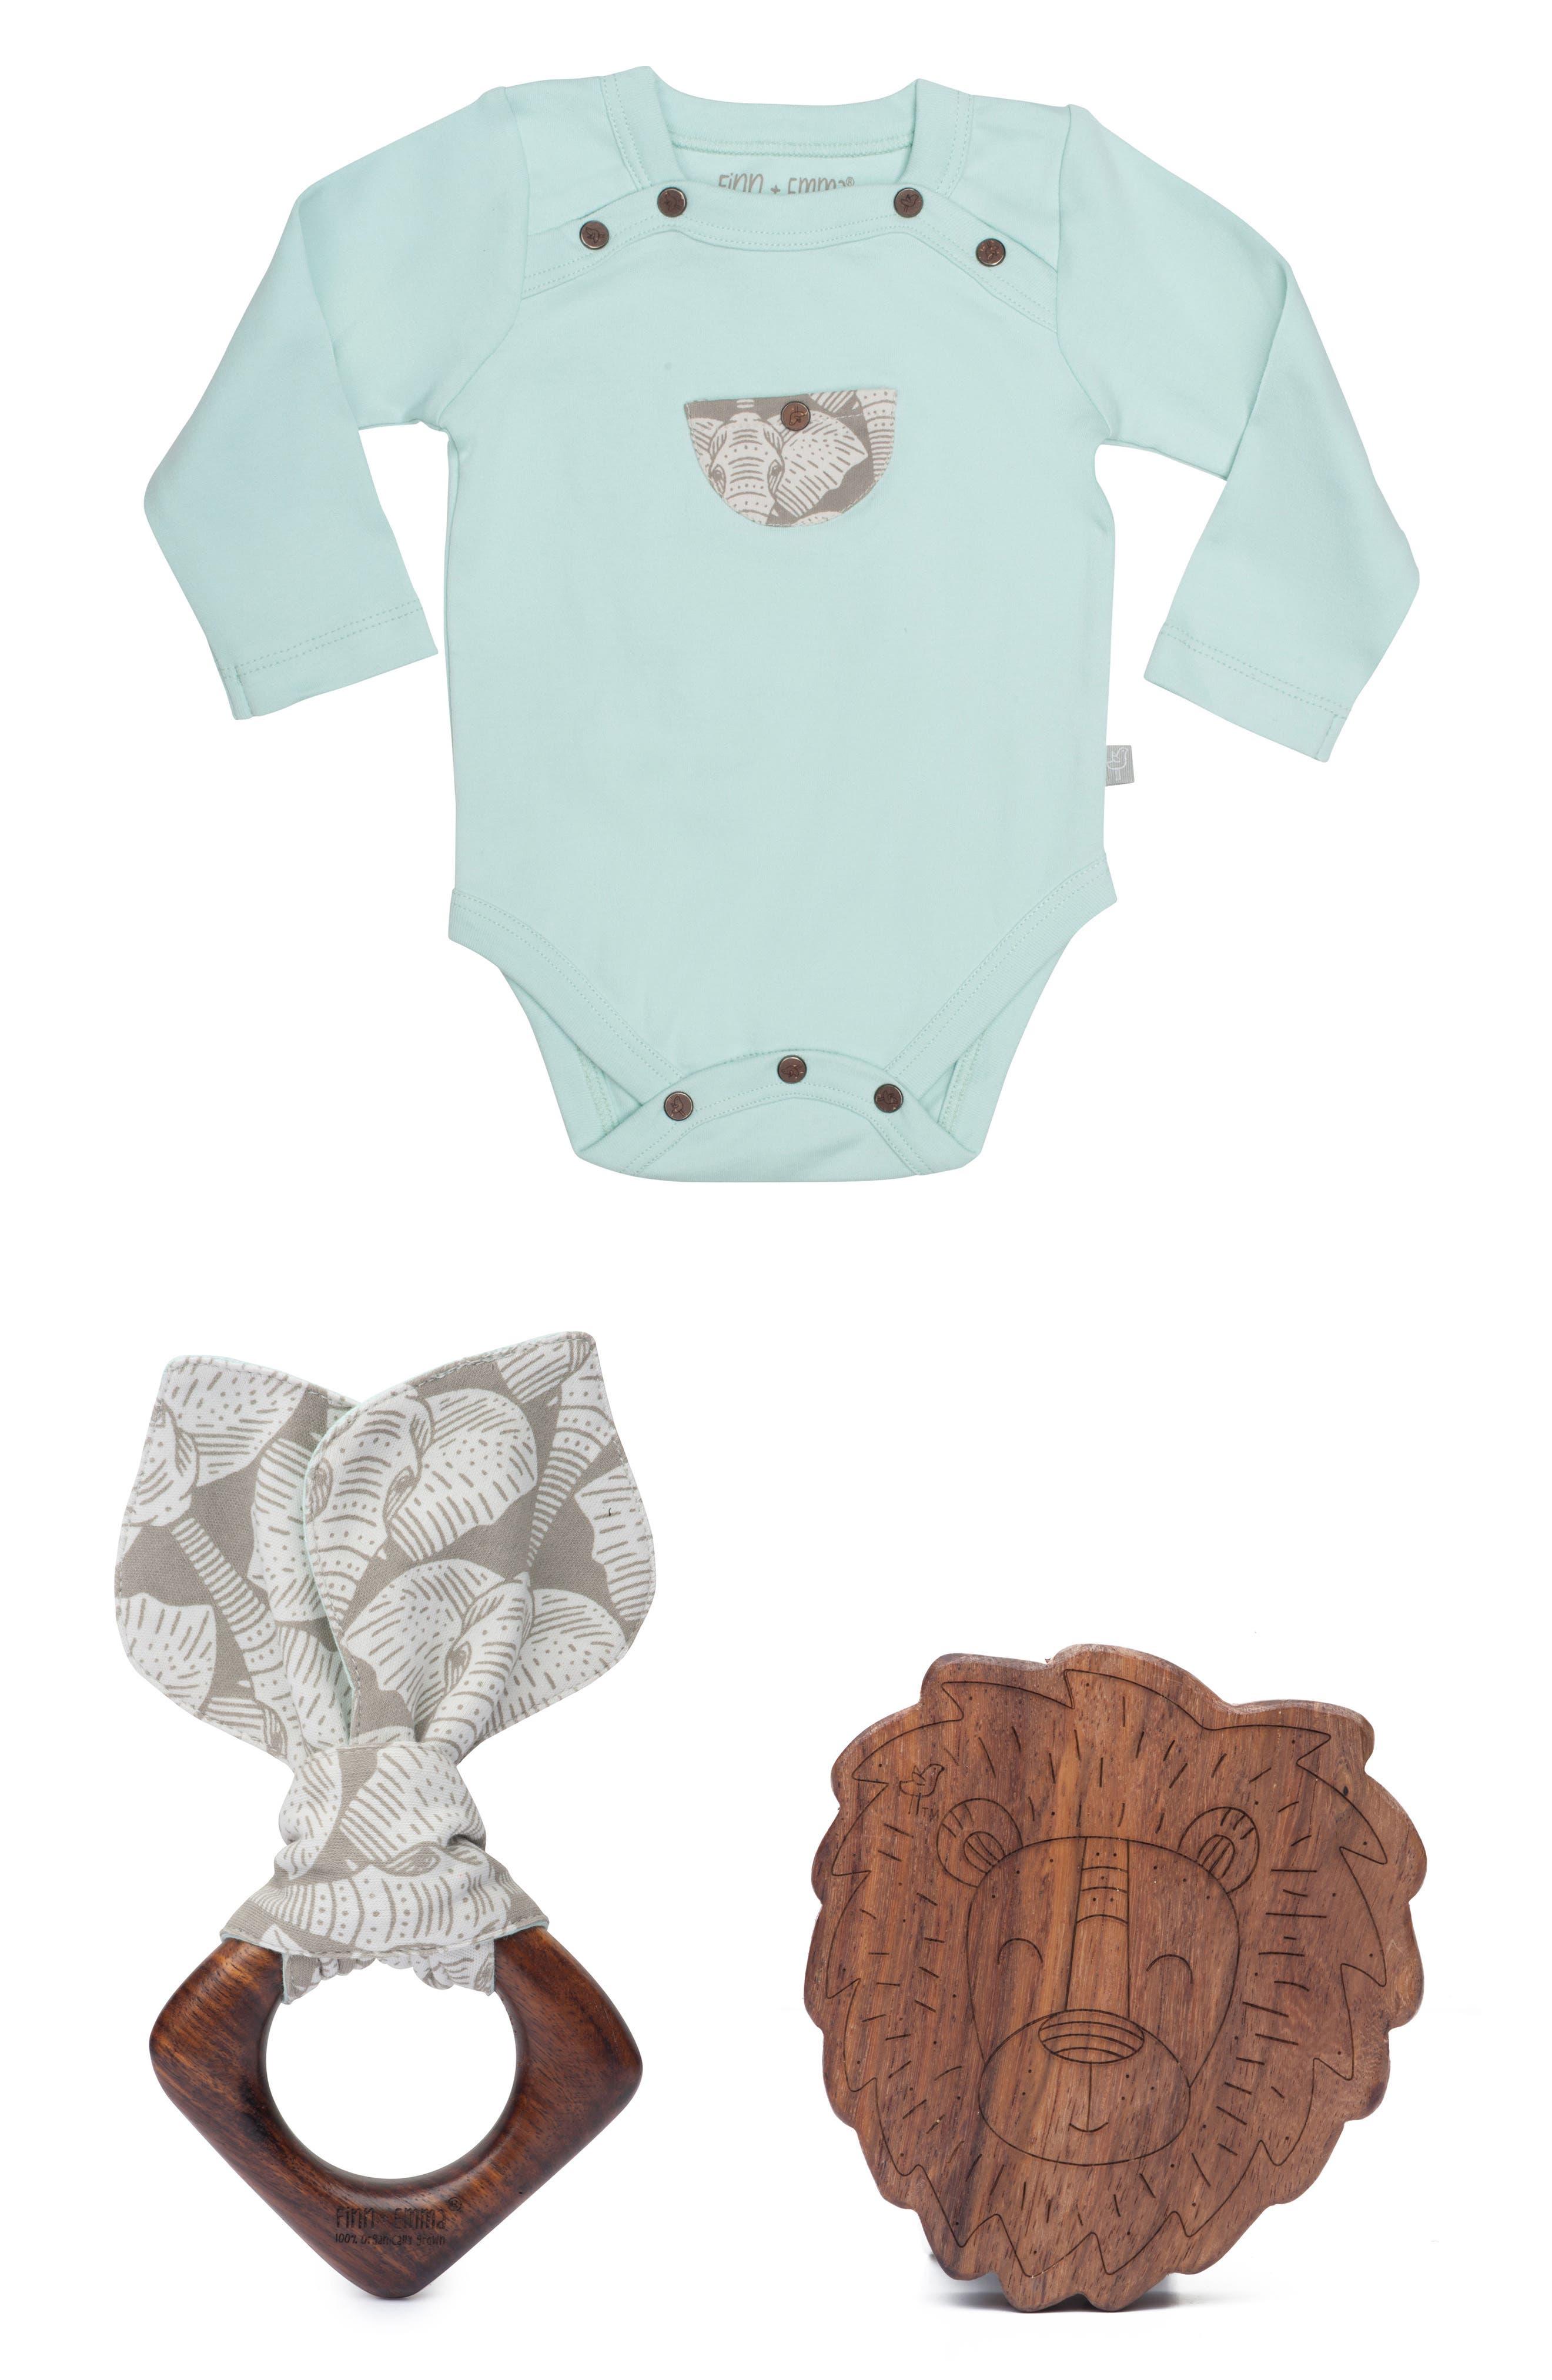 Main Image - Finn + Emma Organic Cotton Bodysuit, Hardwood Teething Ring & Rattle Set (Baby)